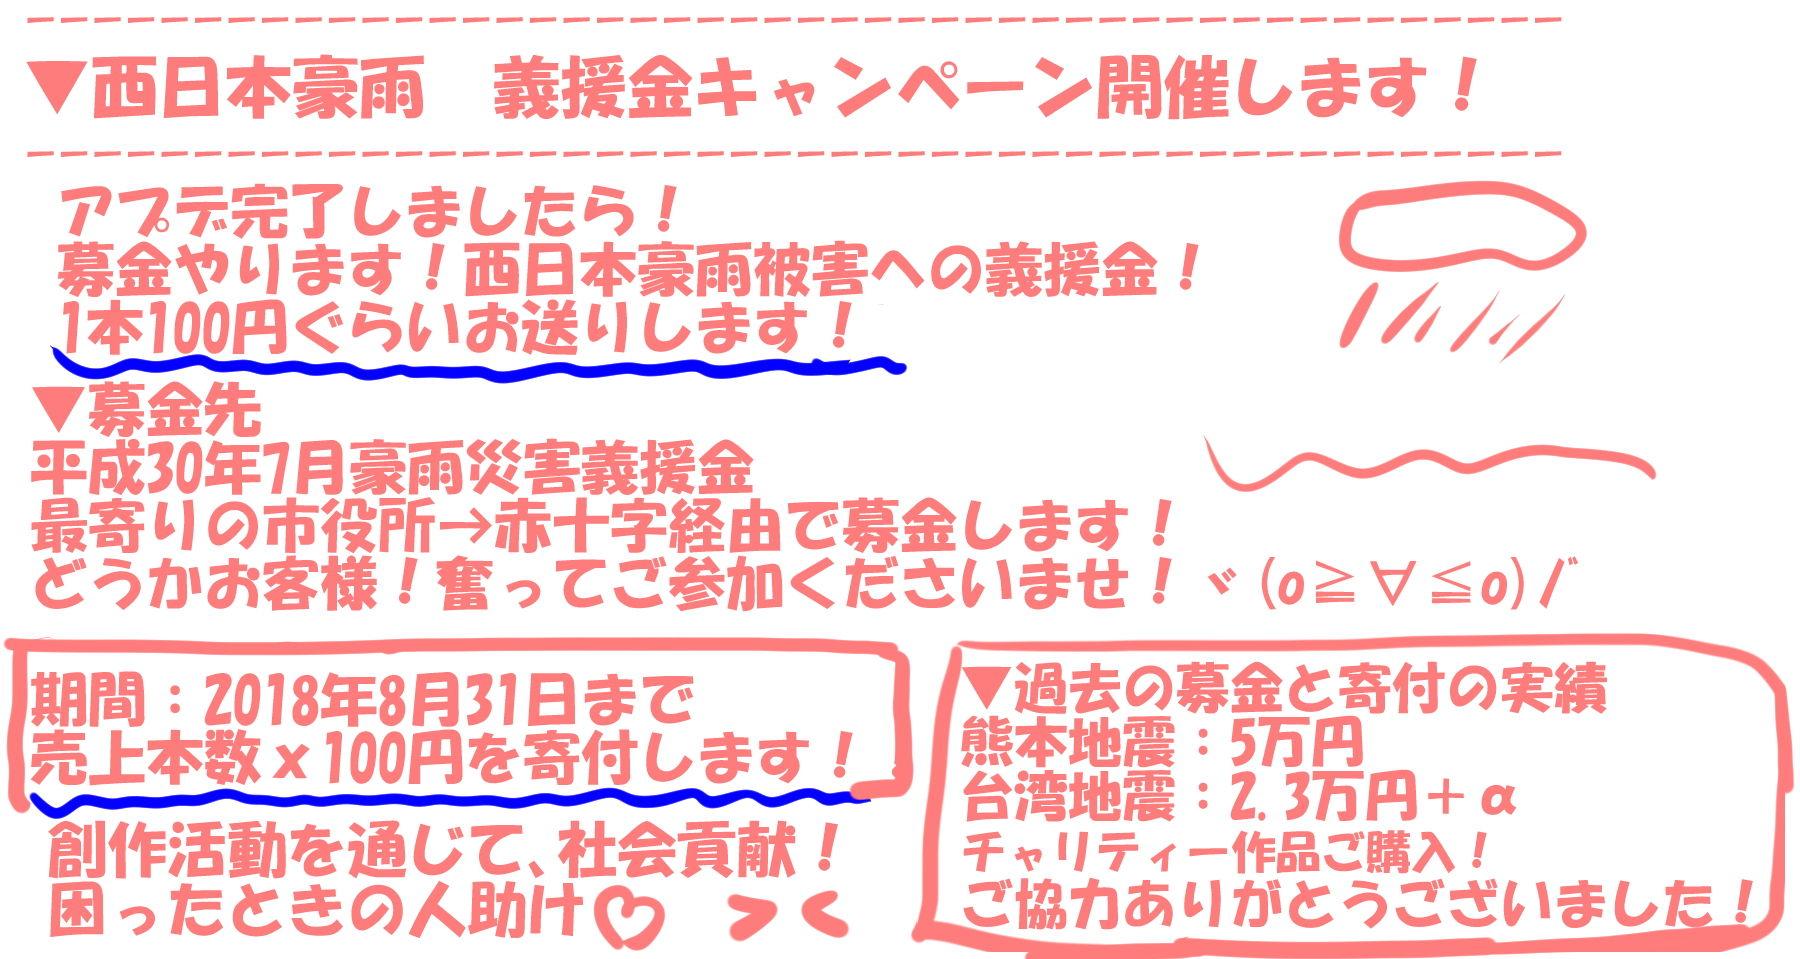 【風俗・18禁バイノーラル】JKきつねのこがねちゃん(初エッチの無知シチュセックス)【舐め屋+ハメ屋...のサンプル画像3